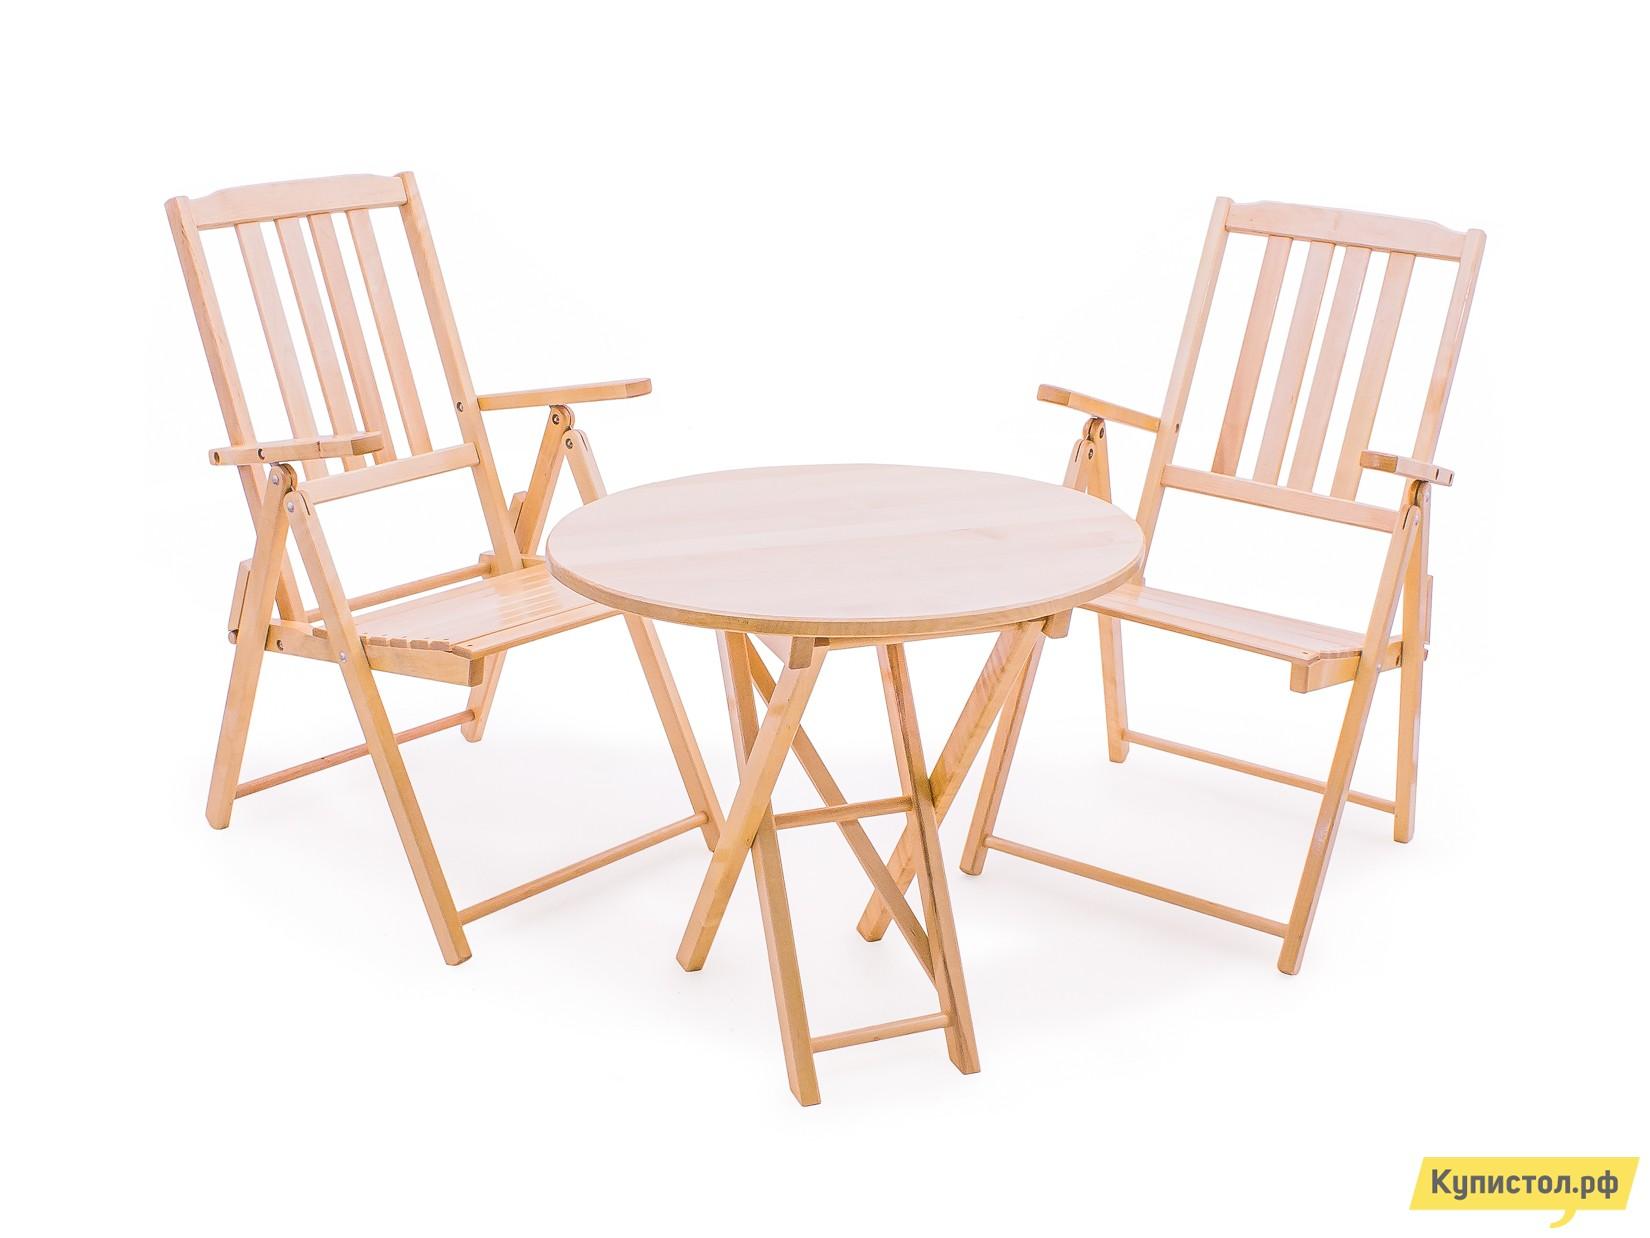 Комплект садовой мебели СМКА Комфорт СМ047Б